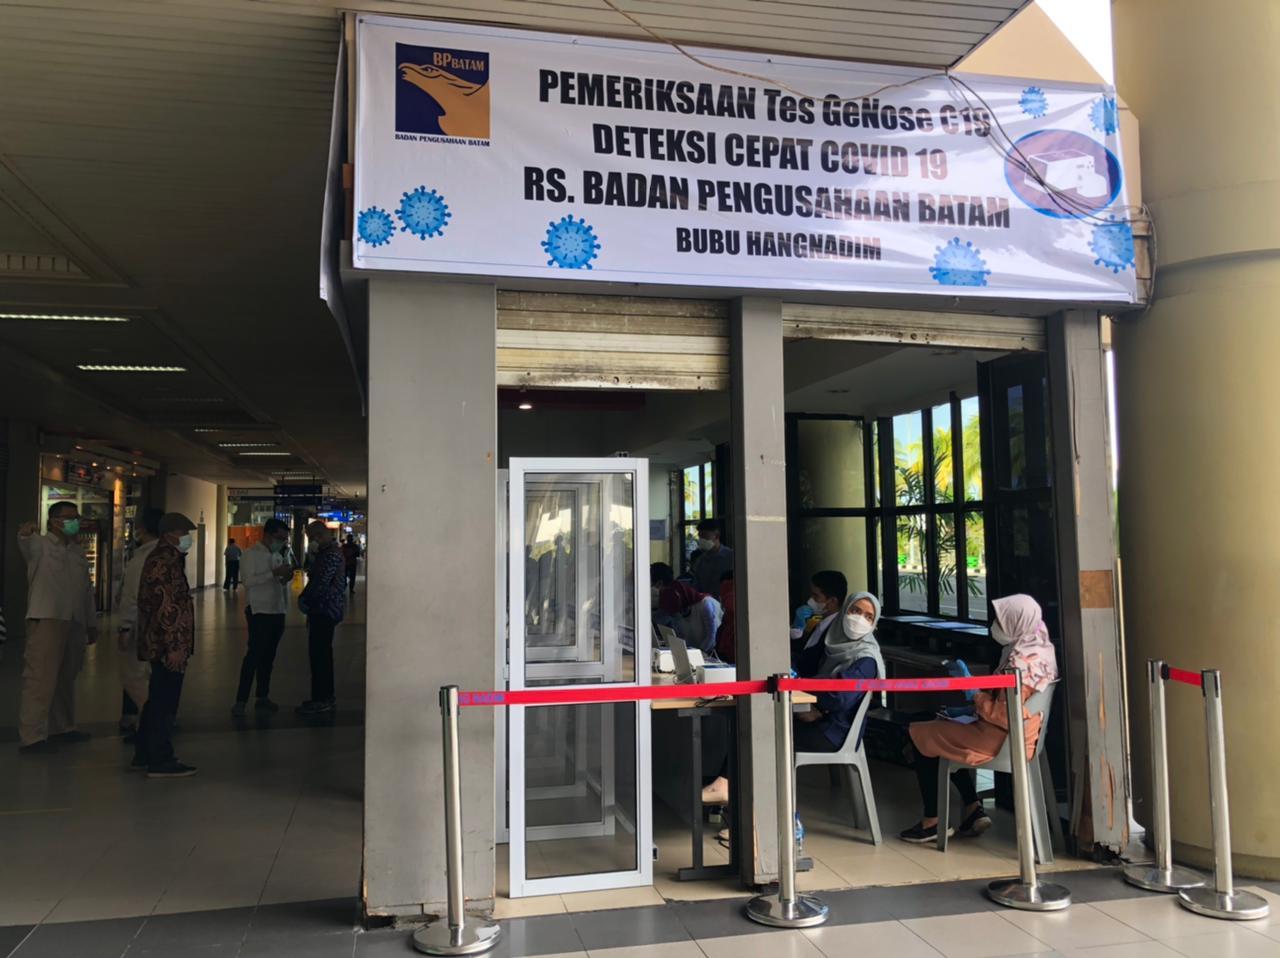 SAH!, Batam Kini Bisa Lakukan Genose di Bandara Hang Nadim